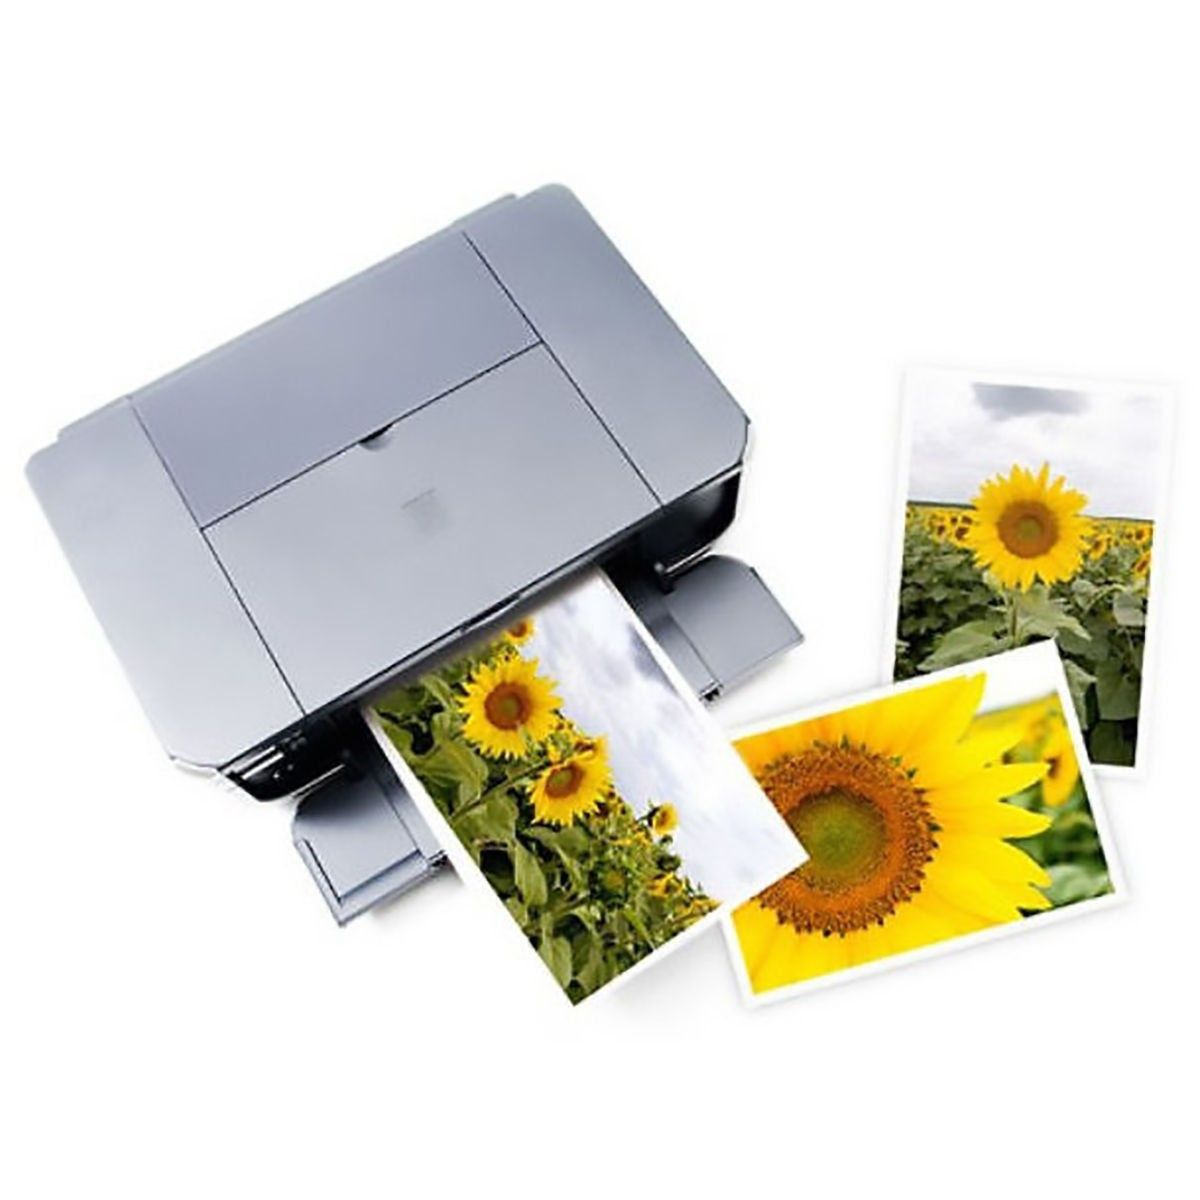 Papel Fotográfico 10x15 cm 265g Glossy Branco Brilhante Resistente à Água / 1000 folhas